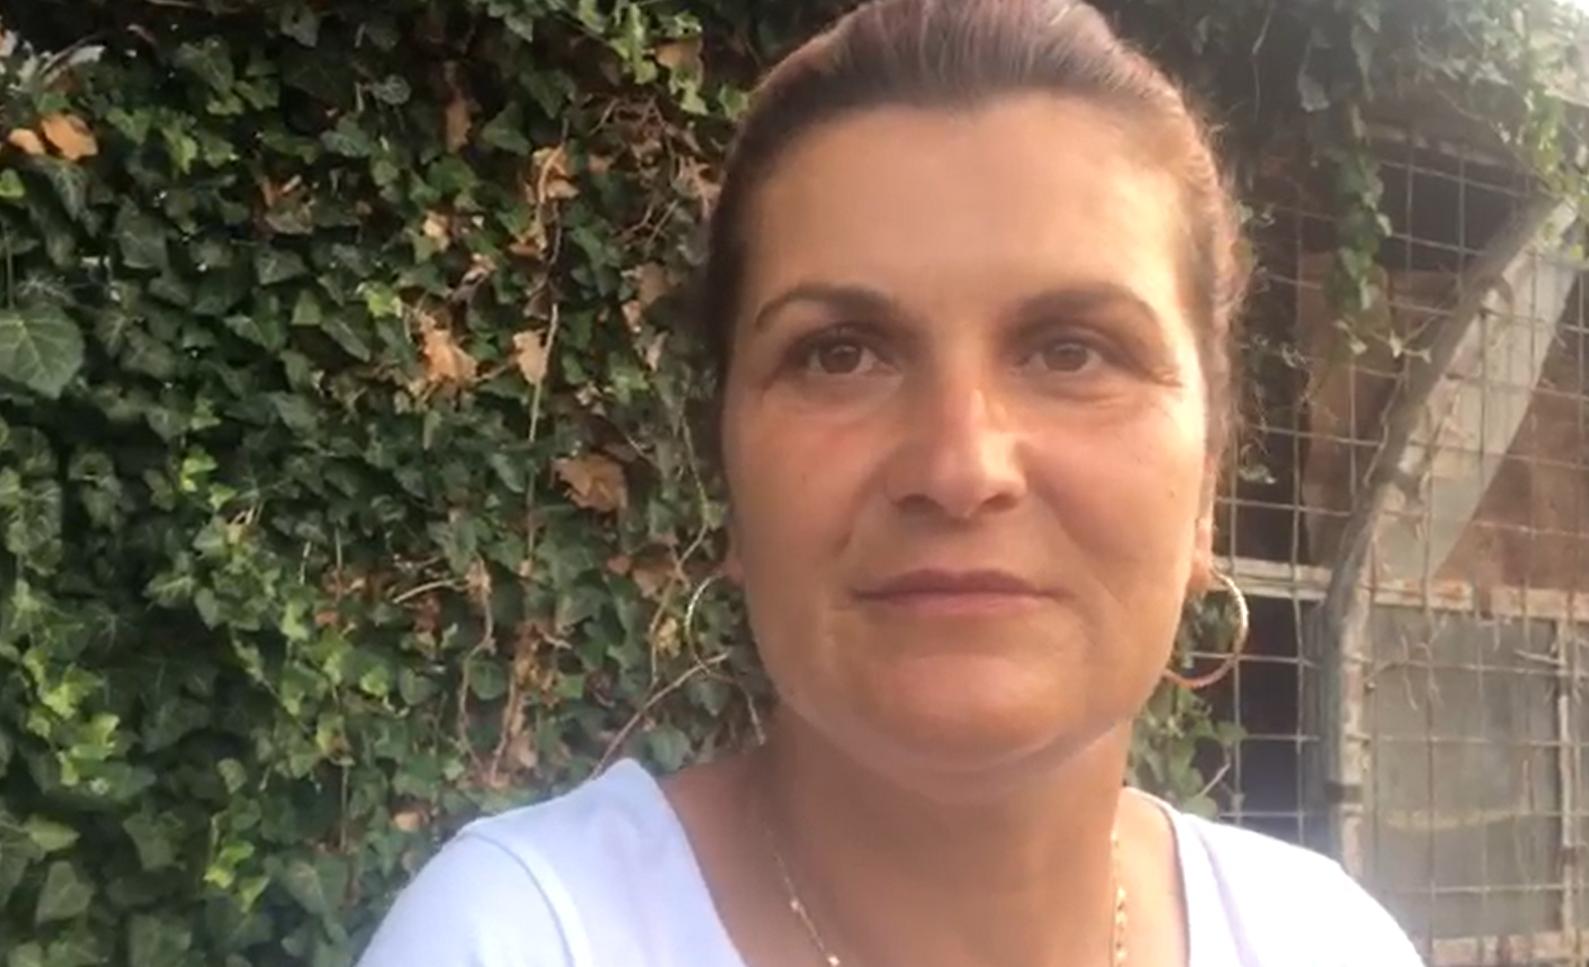 Andreea Tonciu Wikipedia mama luizei, cealaltă fată dispărută în caracal, despre